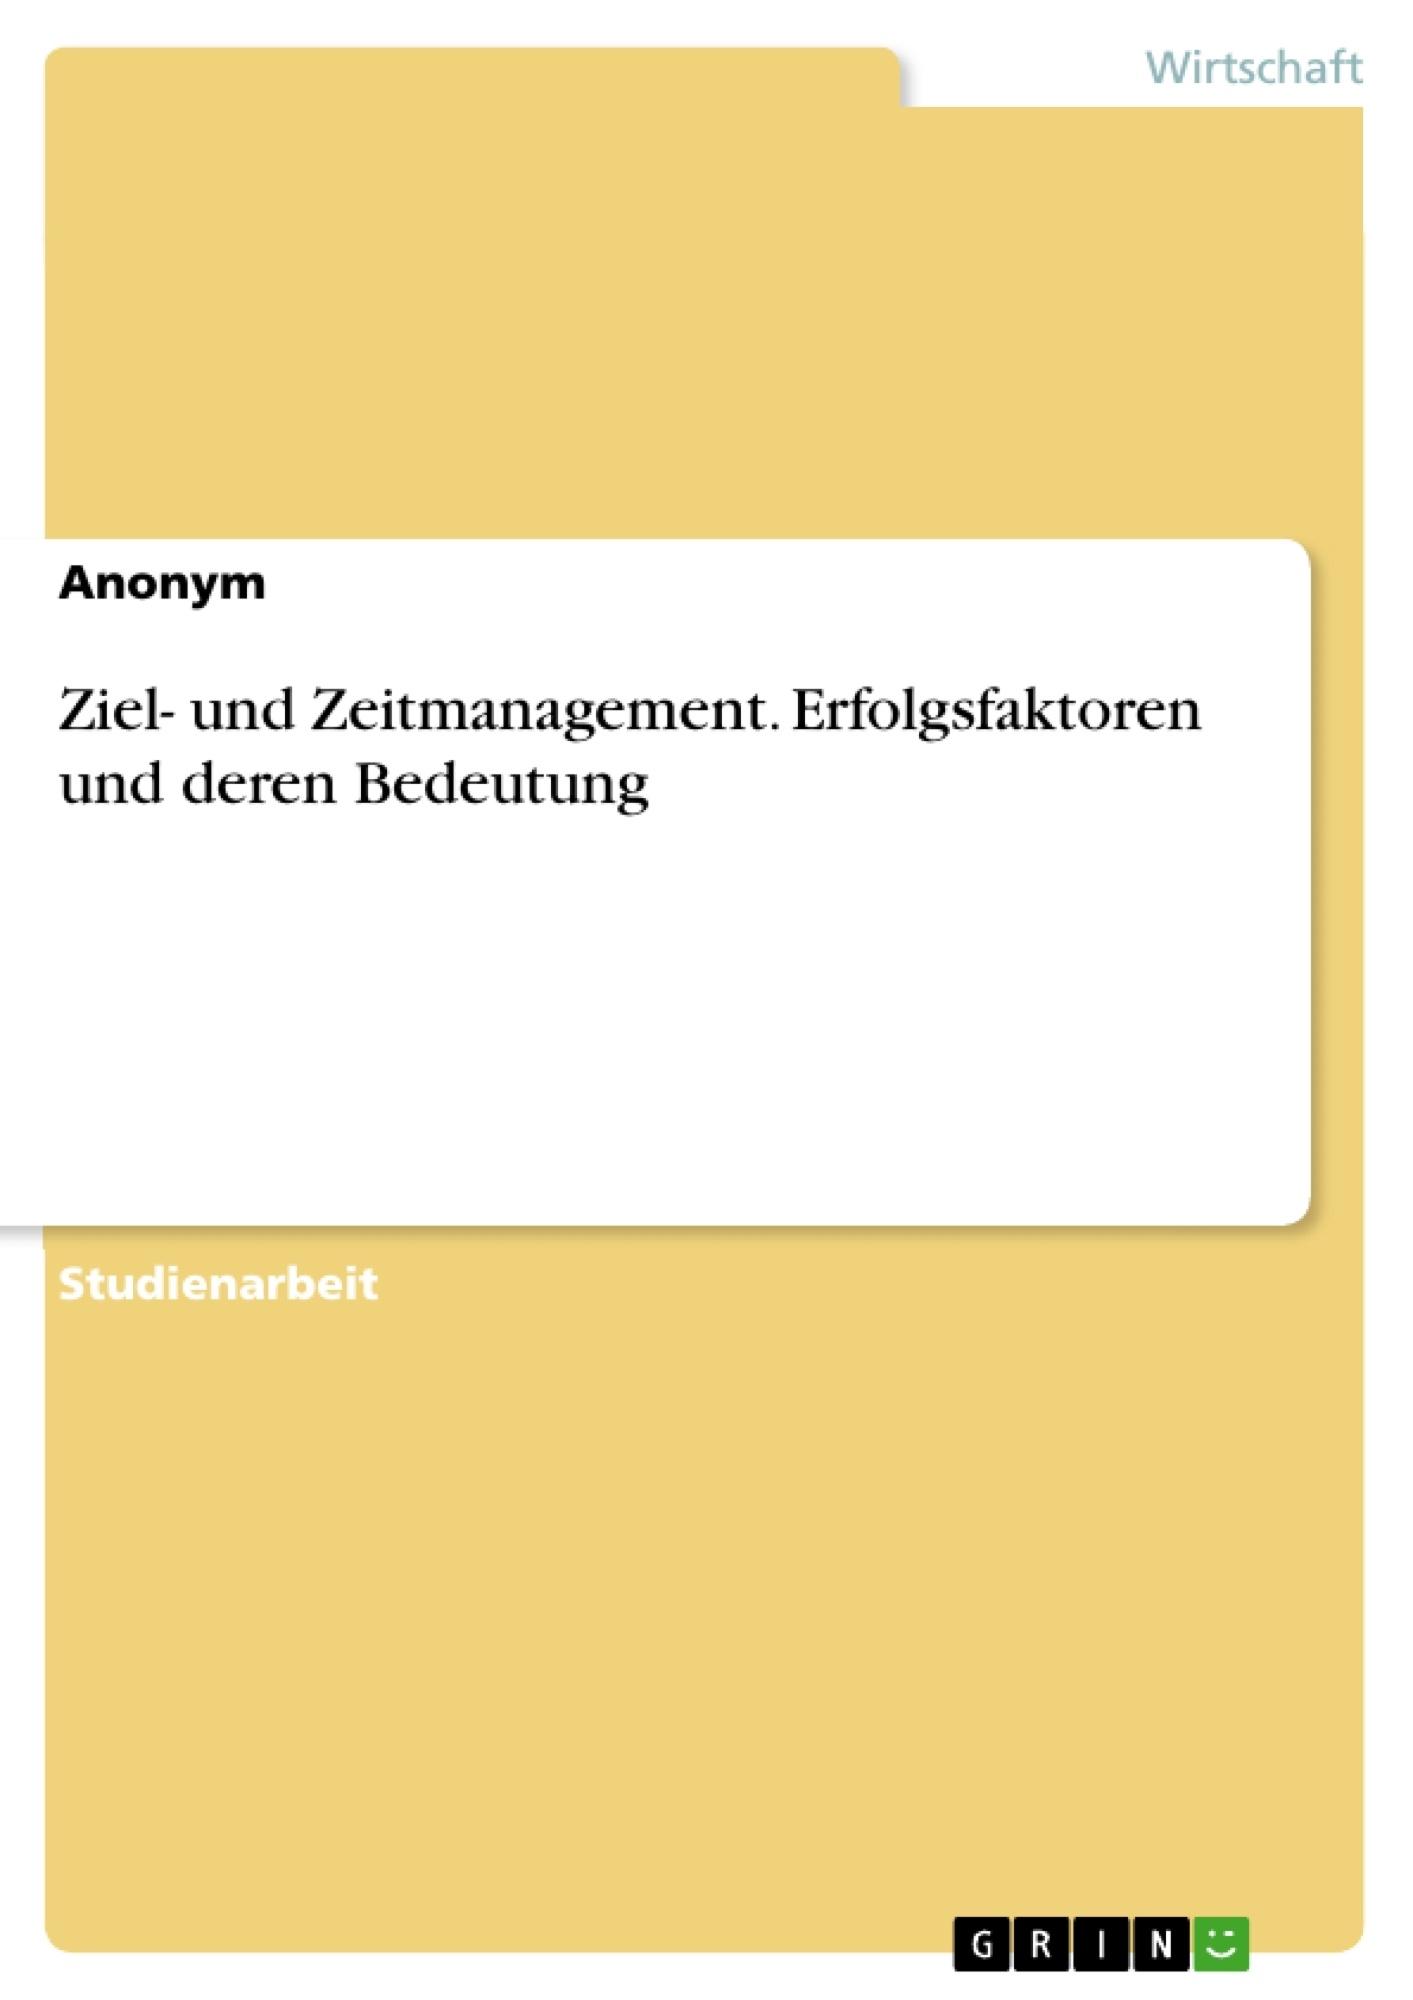 Titel: Ziel- und Zeitmanagement. Erfolgsfaktoren und deren Bedeutung